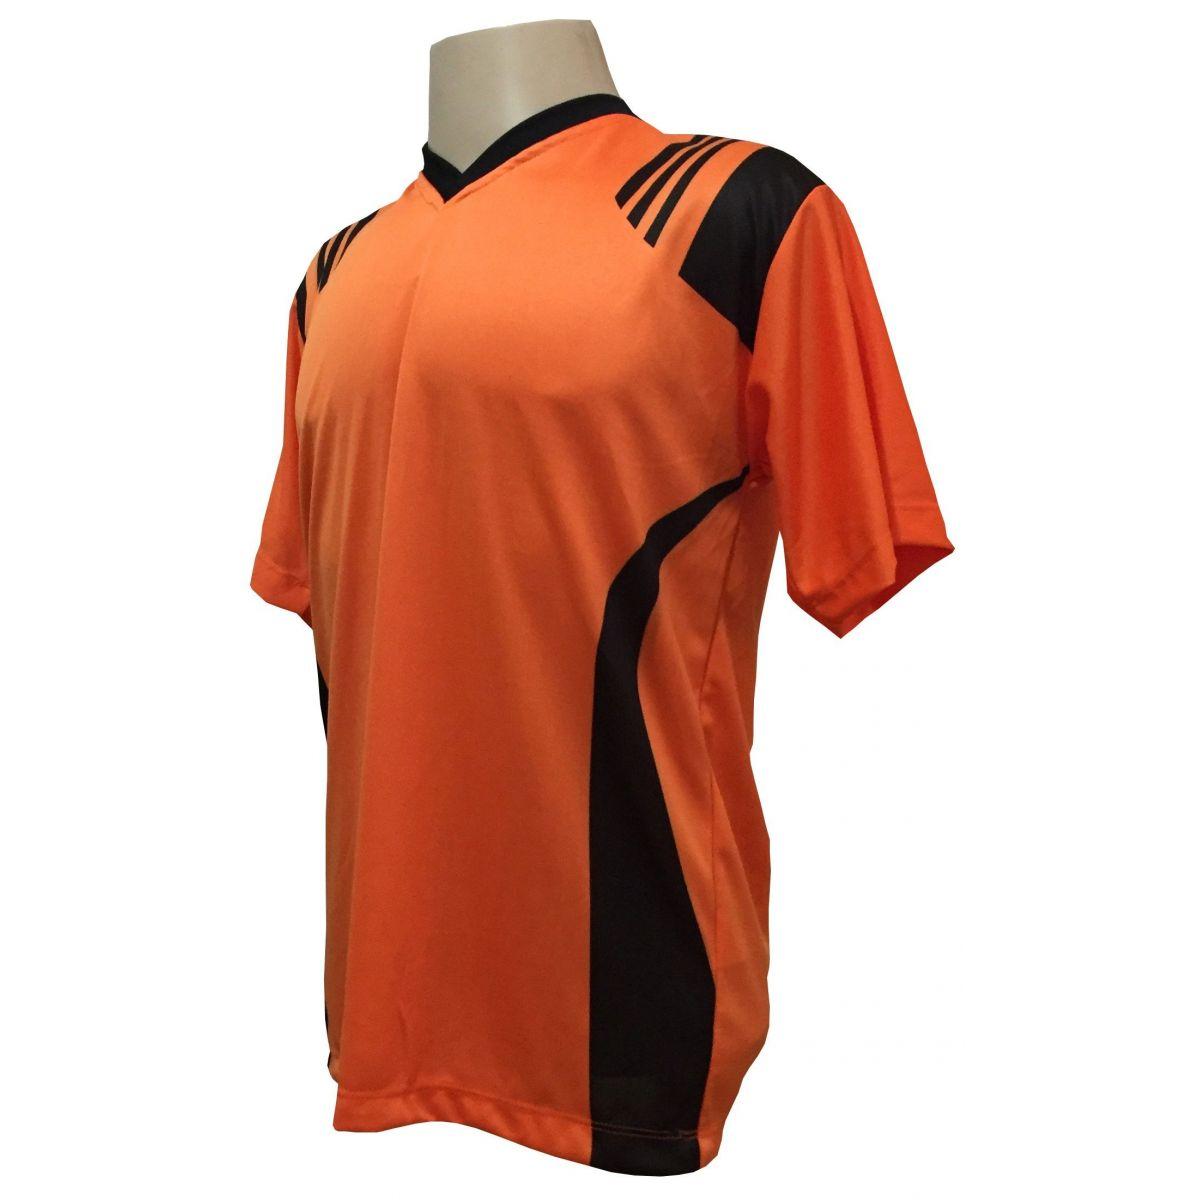 Jogo de Camisa com 18 unidades modelo Roma Laranja/Preto + 1 Goleiro + Brindes